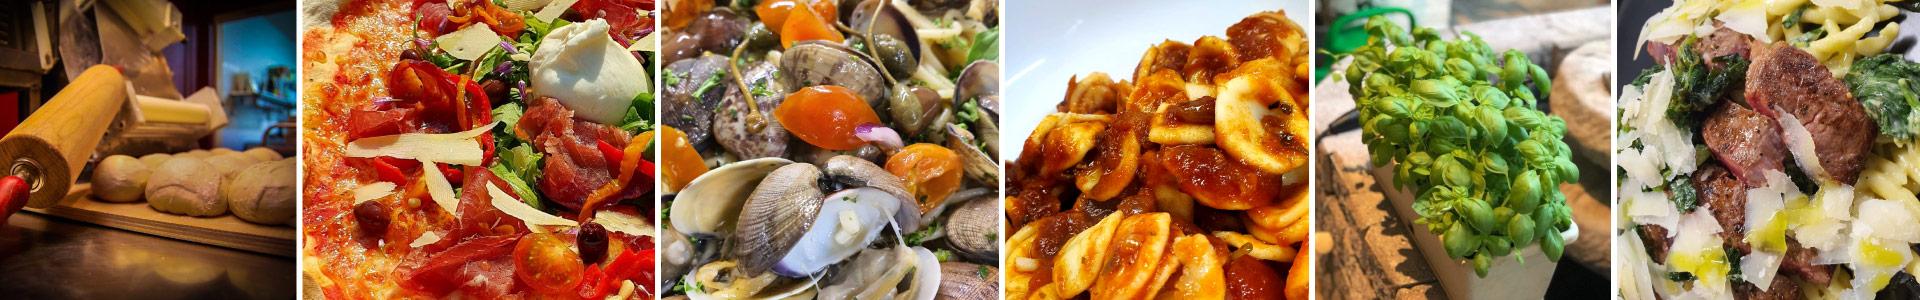 Italiaans restaurant pizzeria Oudenaarde Bergstraat markt - Arcobaleno